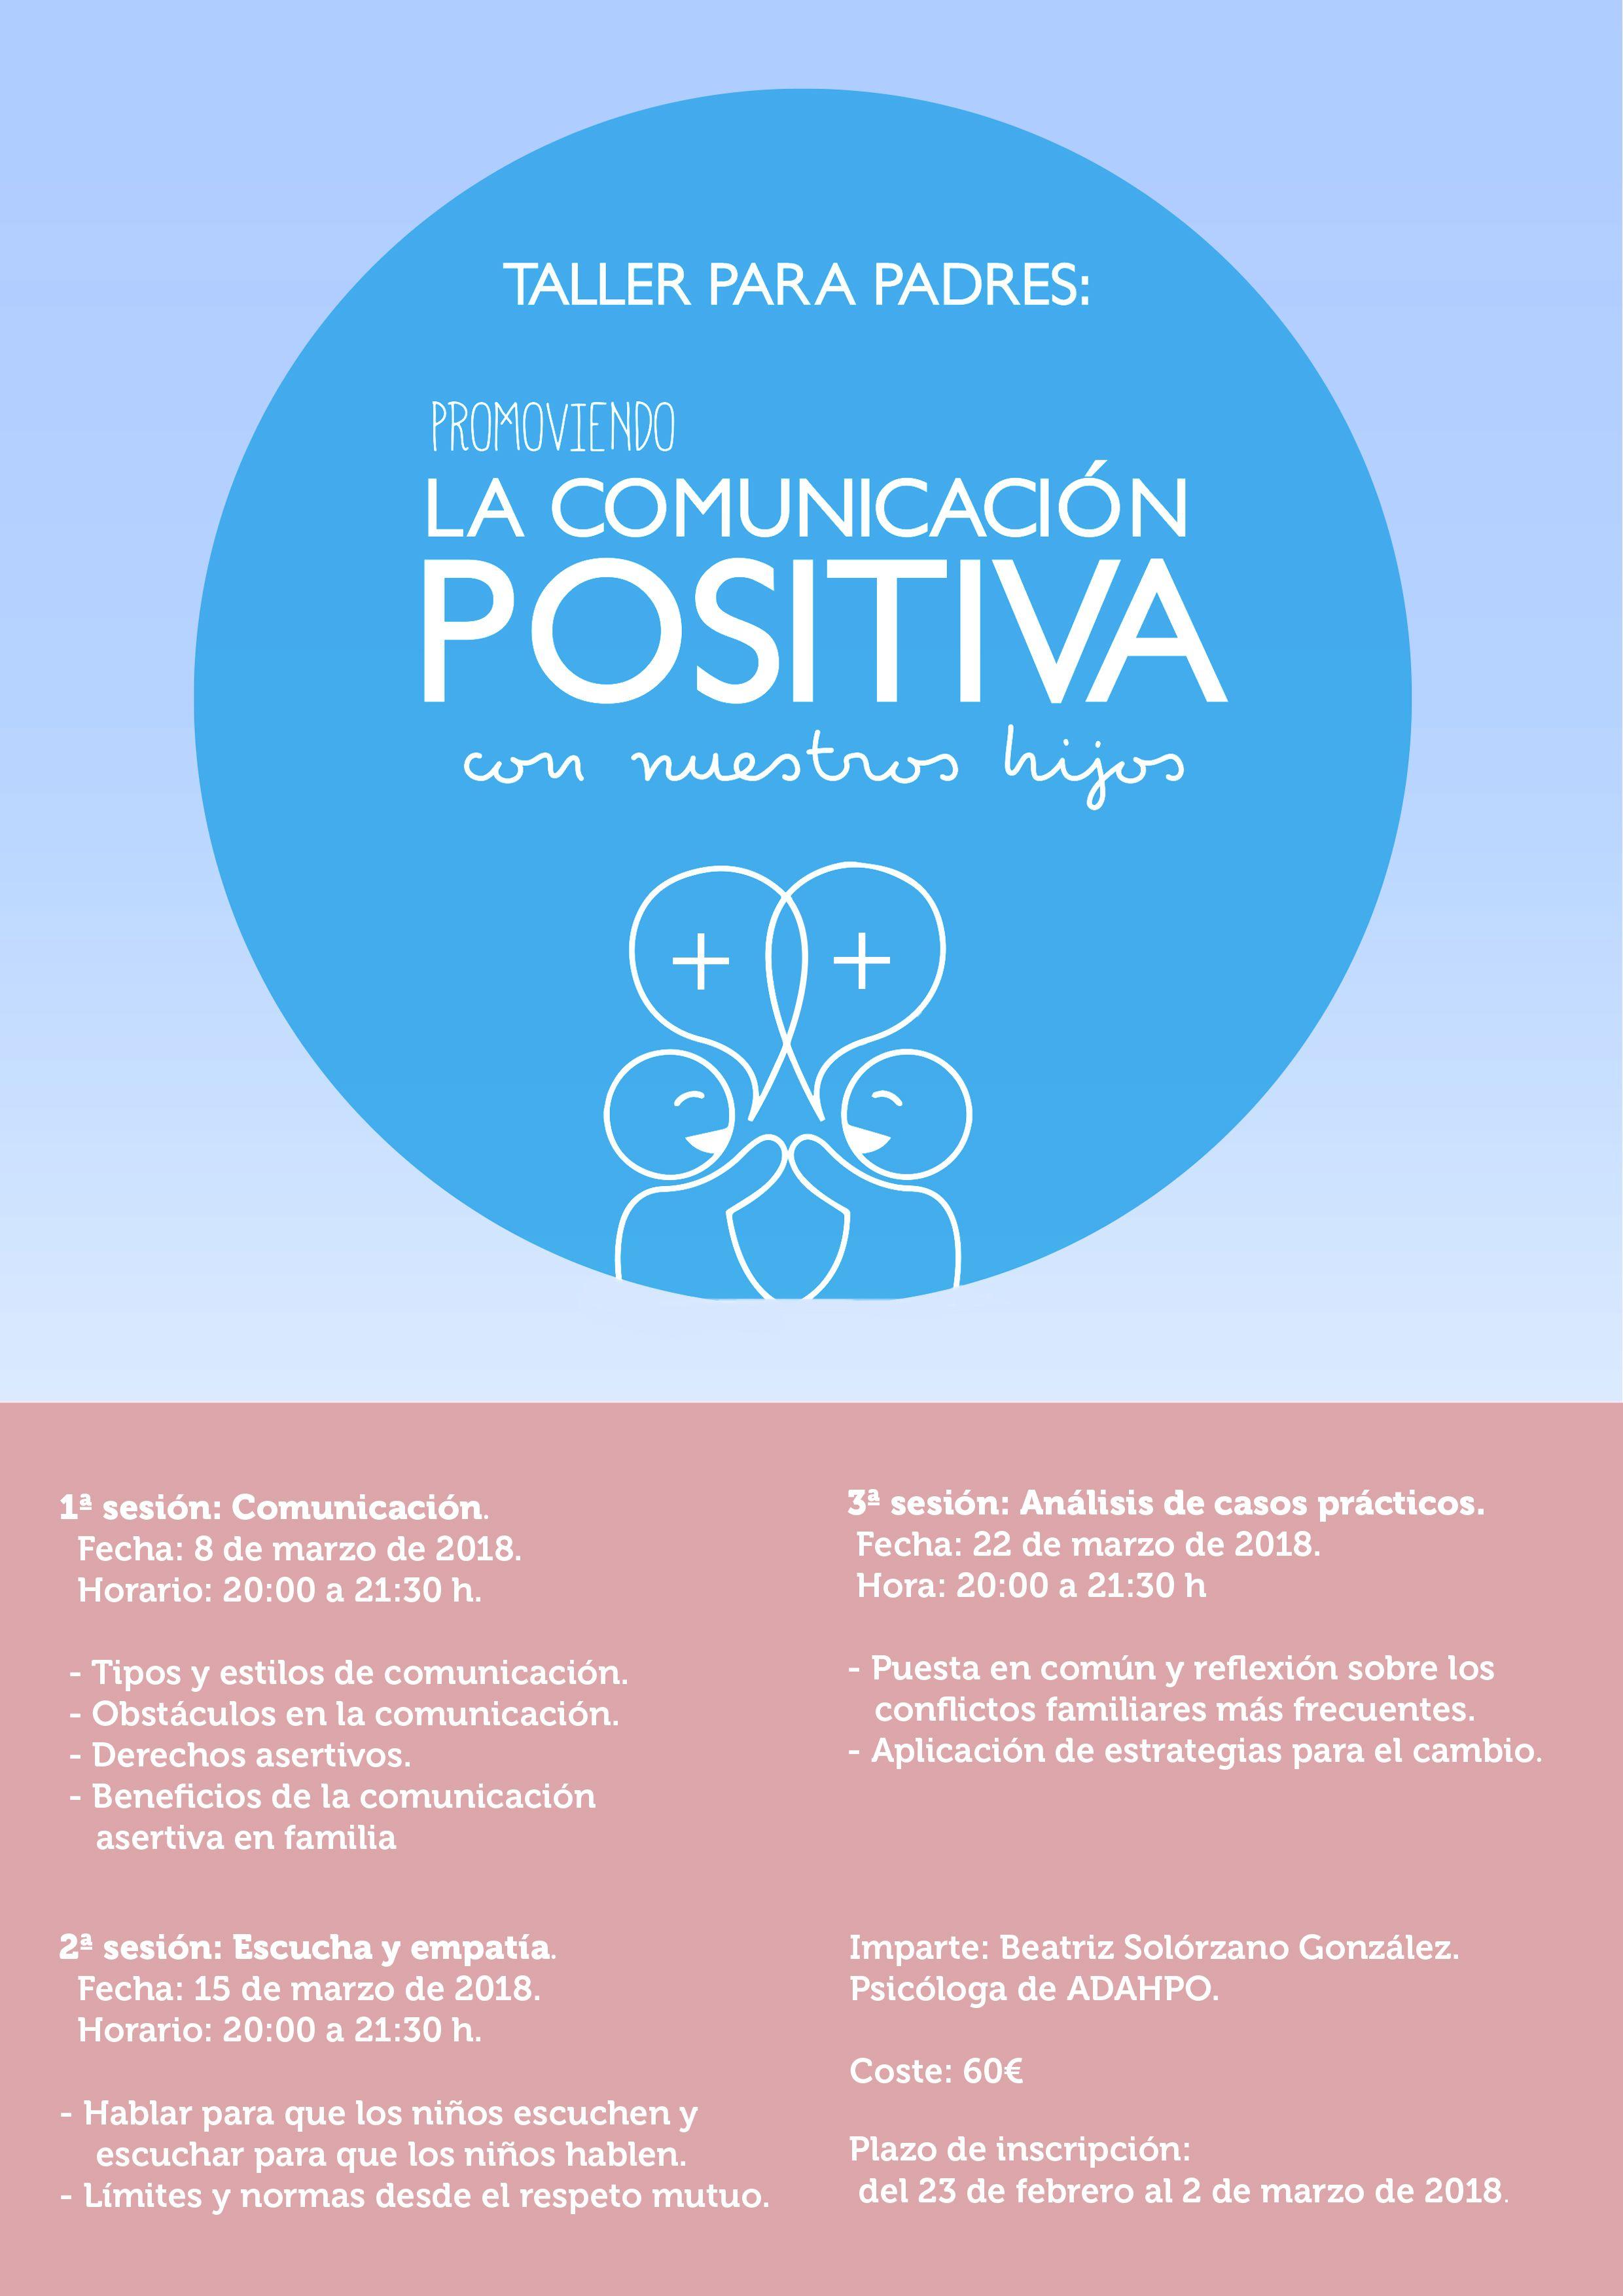 taller promoviendo la comunicación positiva